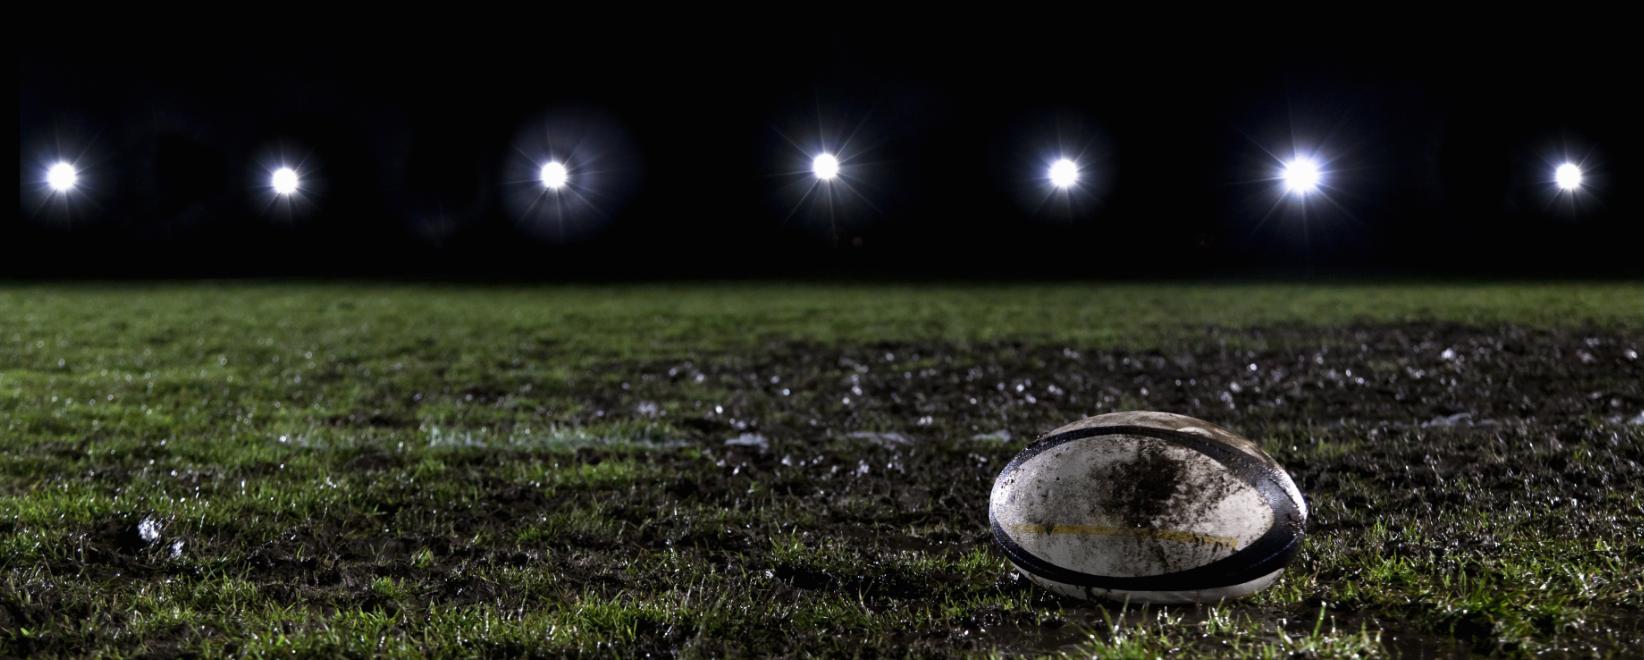 Rugby At Work 187 Community Govloop